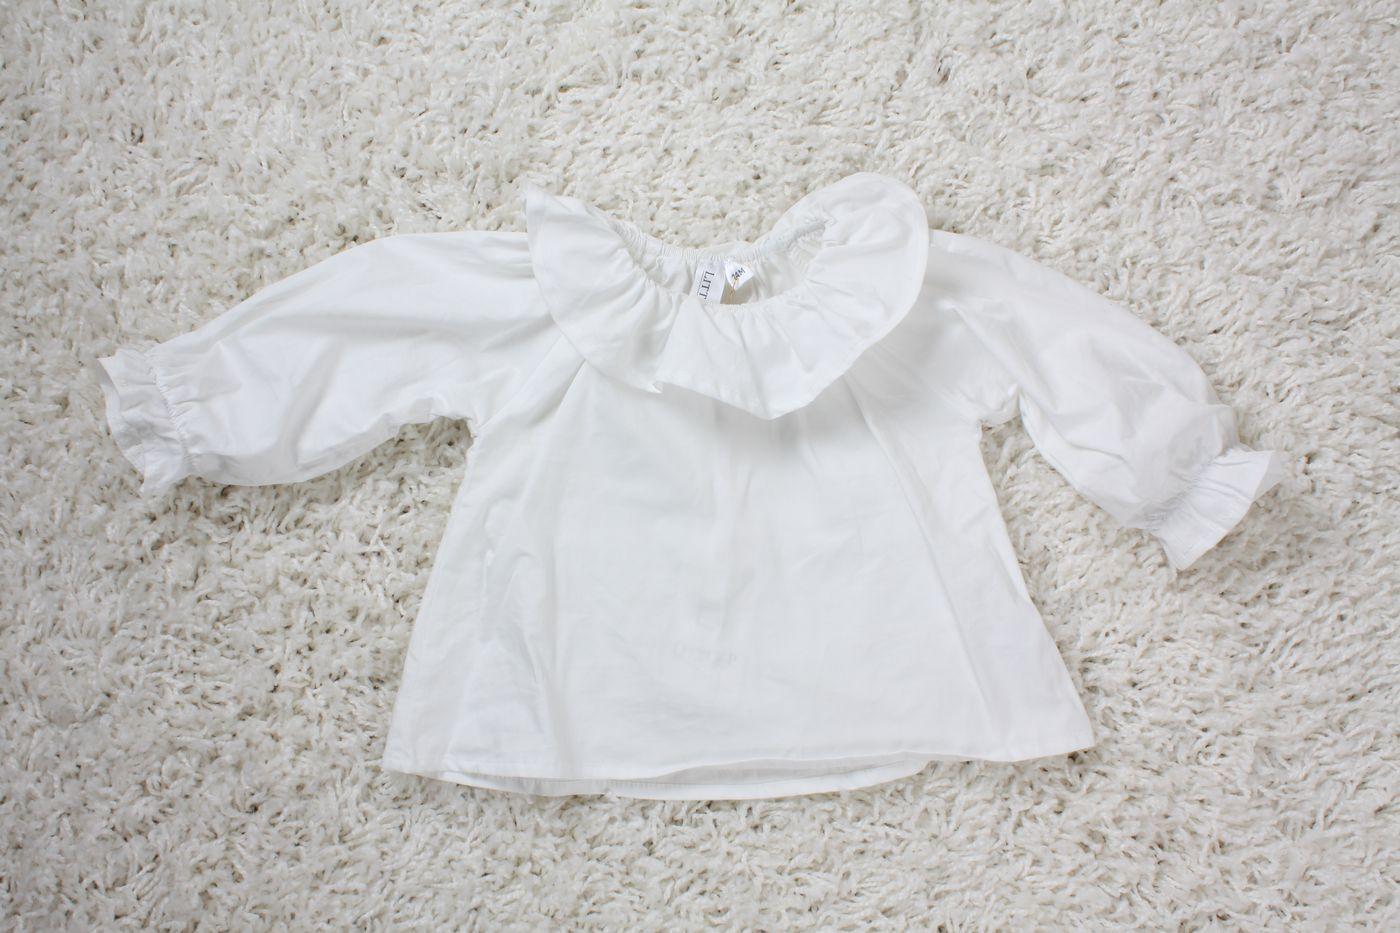 vit skjorta baby